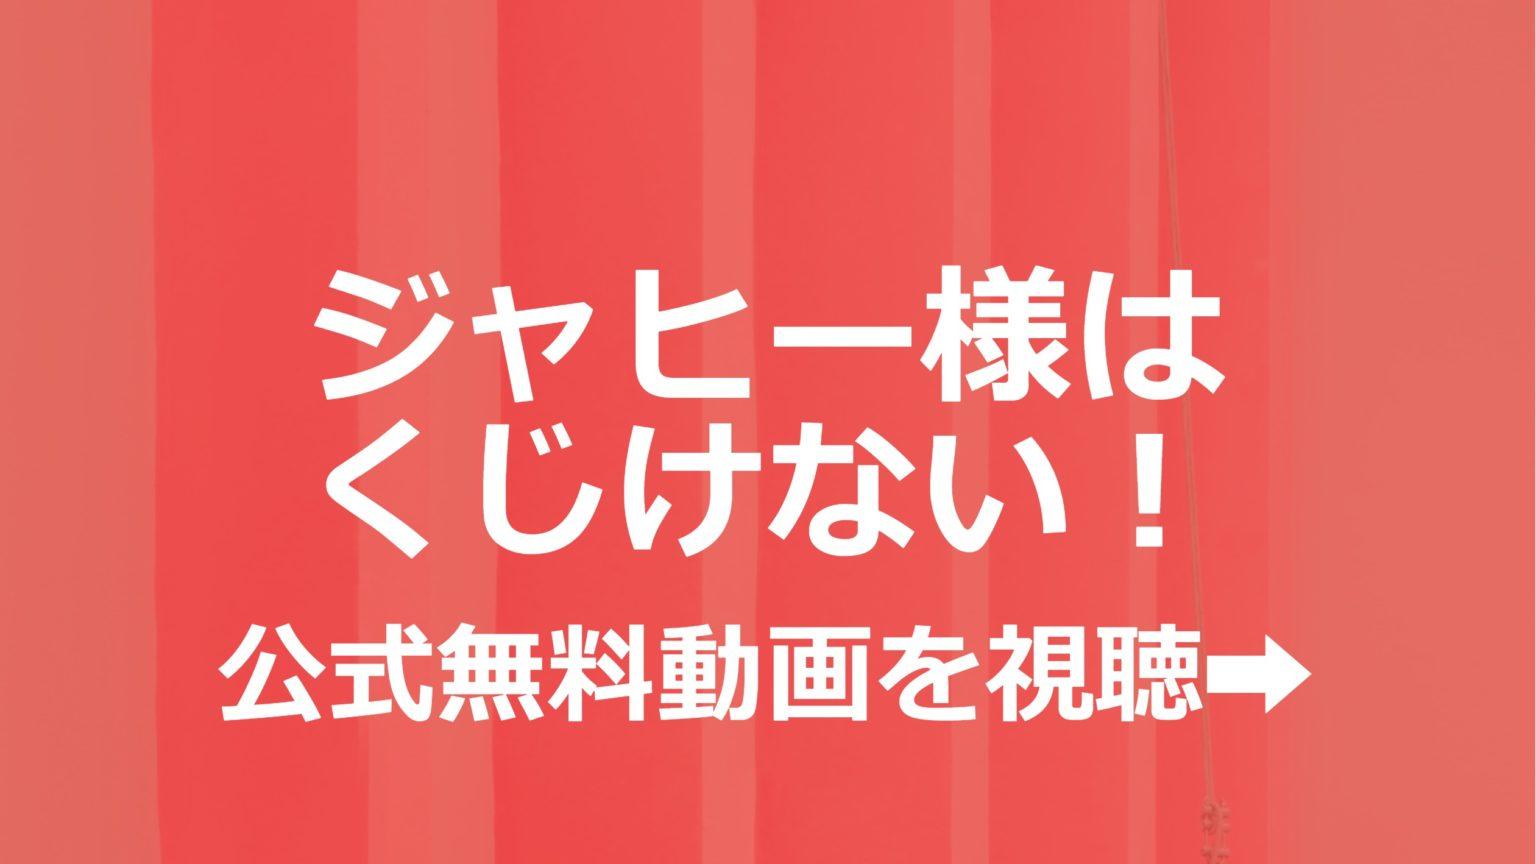 アニメ「ジャヒー様はくじけない!」無料フル動画を1話~全話視聴できる公式配信サービスまとめ!